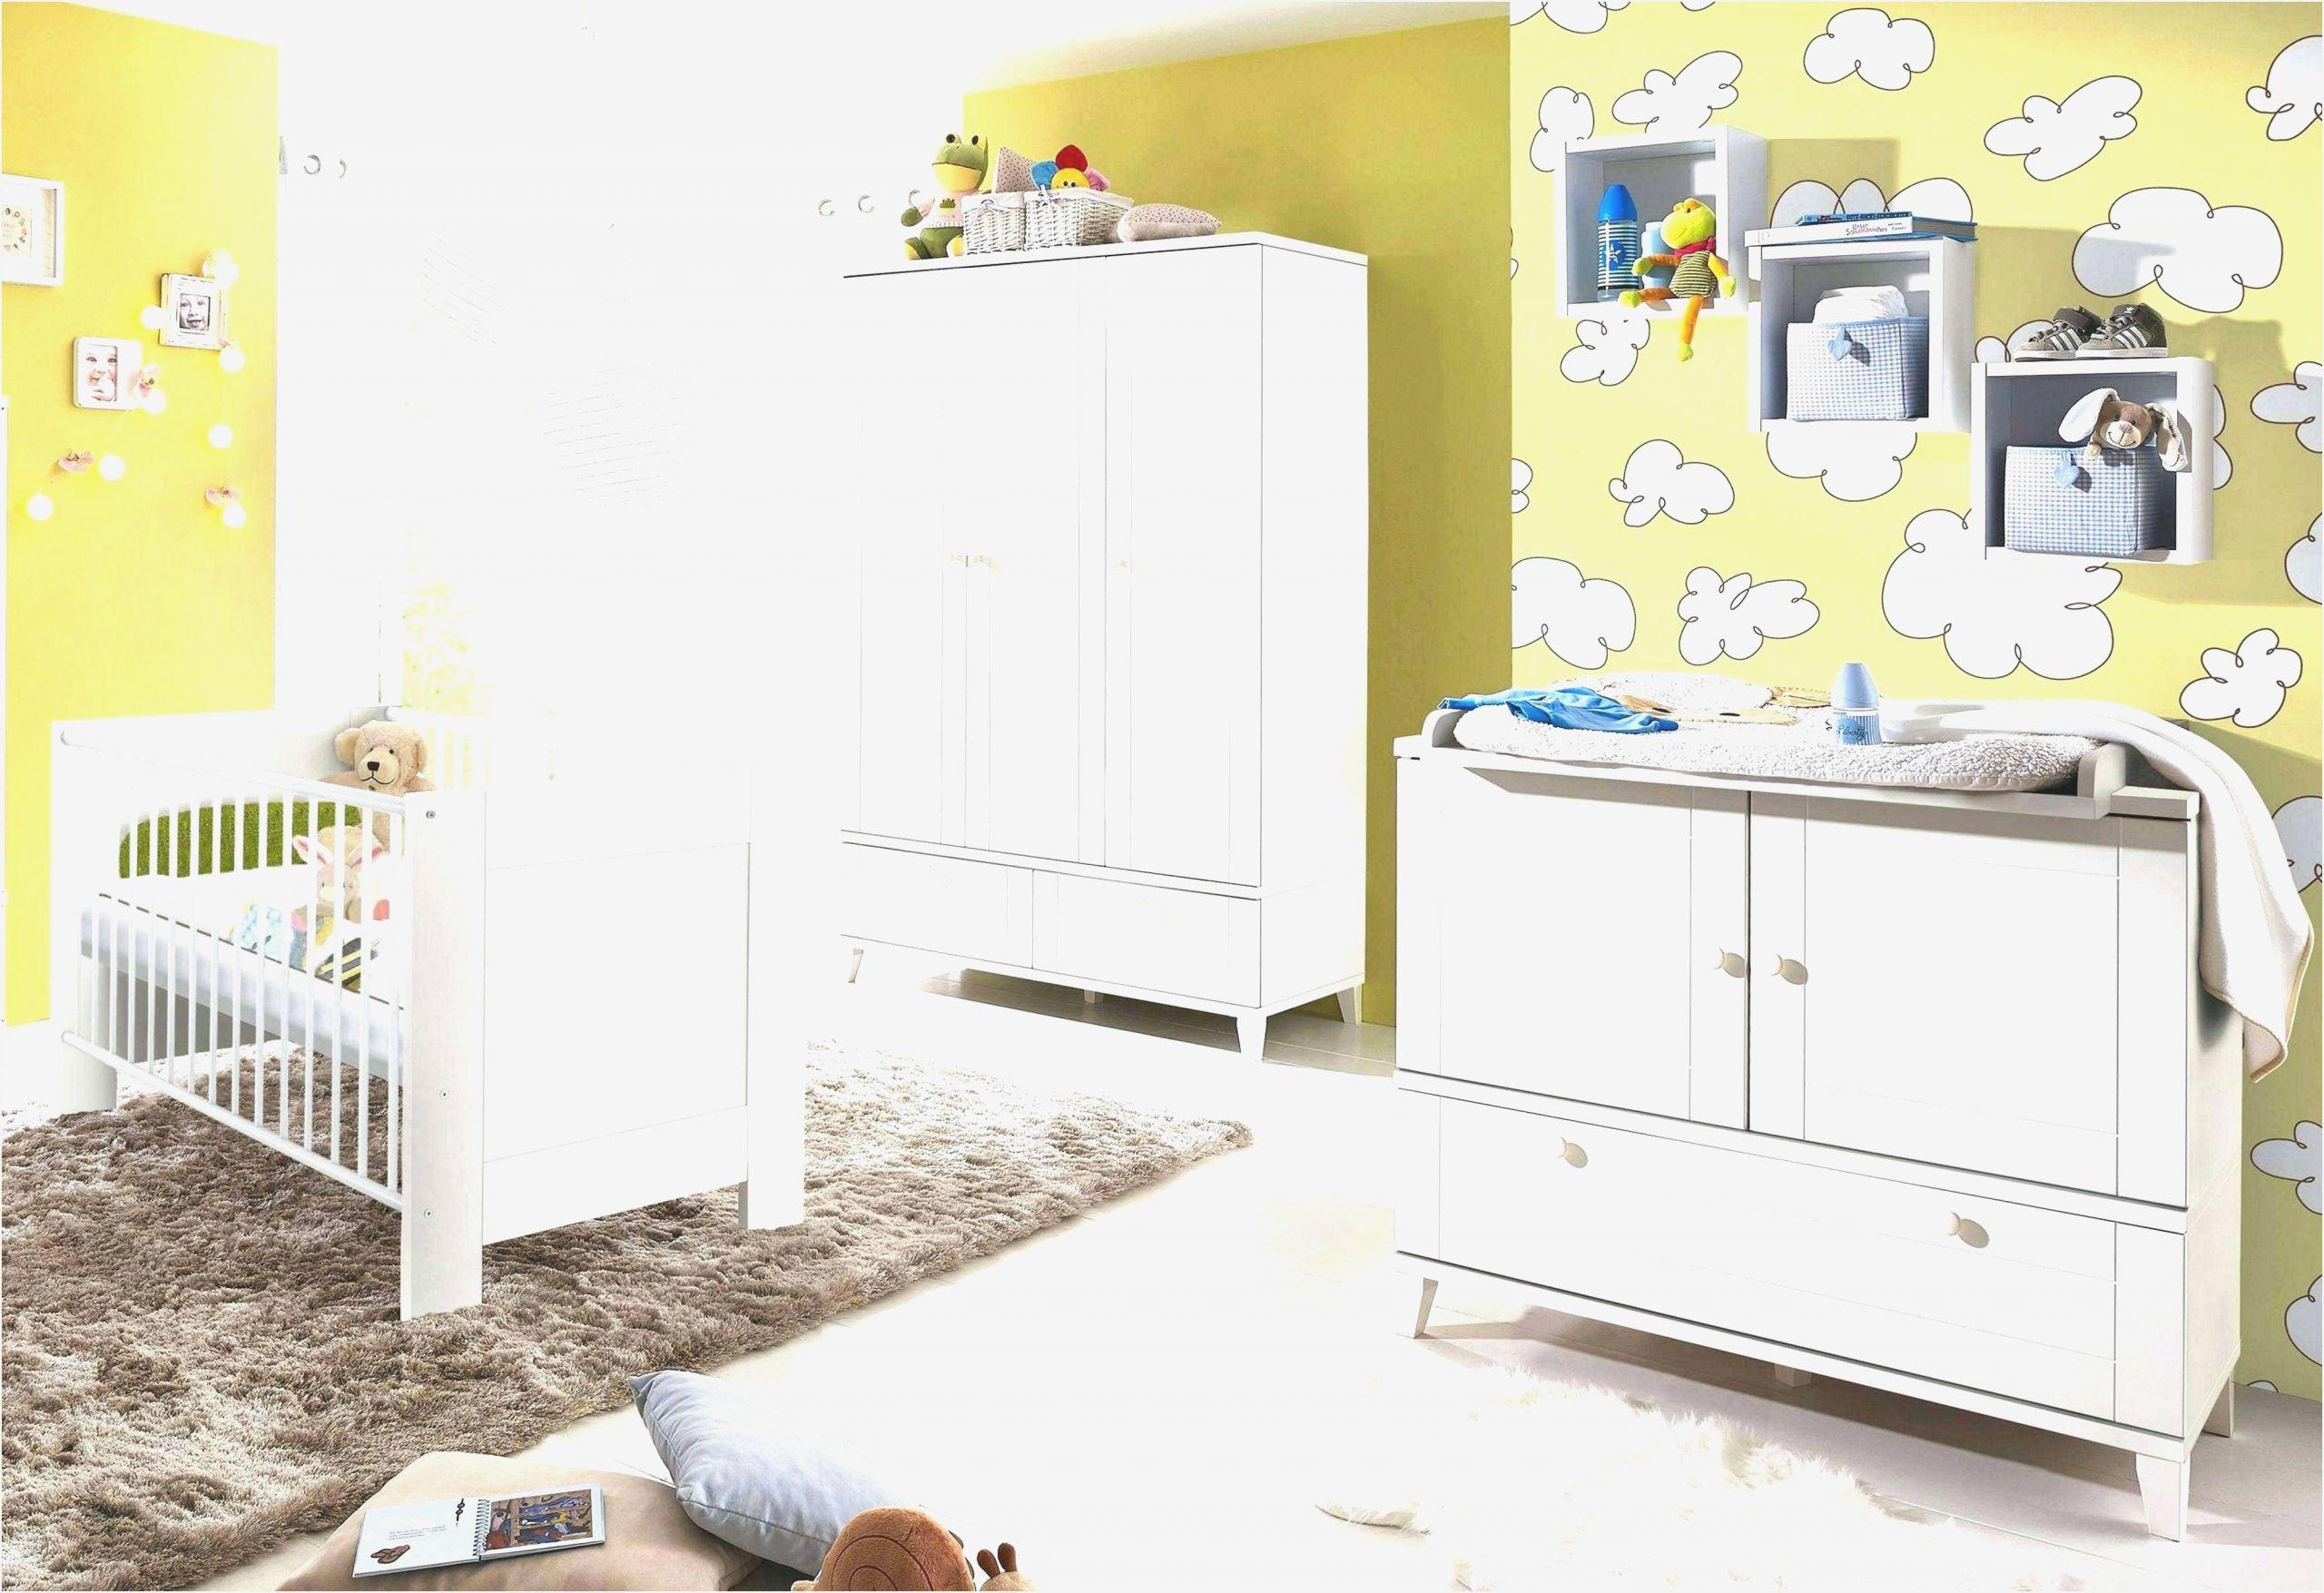 Full Size of Baby Kinderzimmer Komplett Set Traumhaus Komplette Küche Wohnzimmer Schlafzimmer Mit Lattenrost Und Matratze Massivholz Regal Günstig Weiß Badezimmer Dusche Kinderzimmer Baby Kinderzimmer Komplett